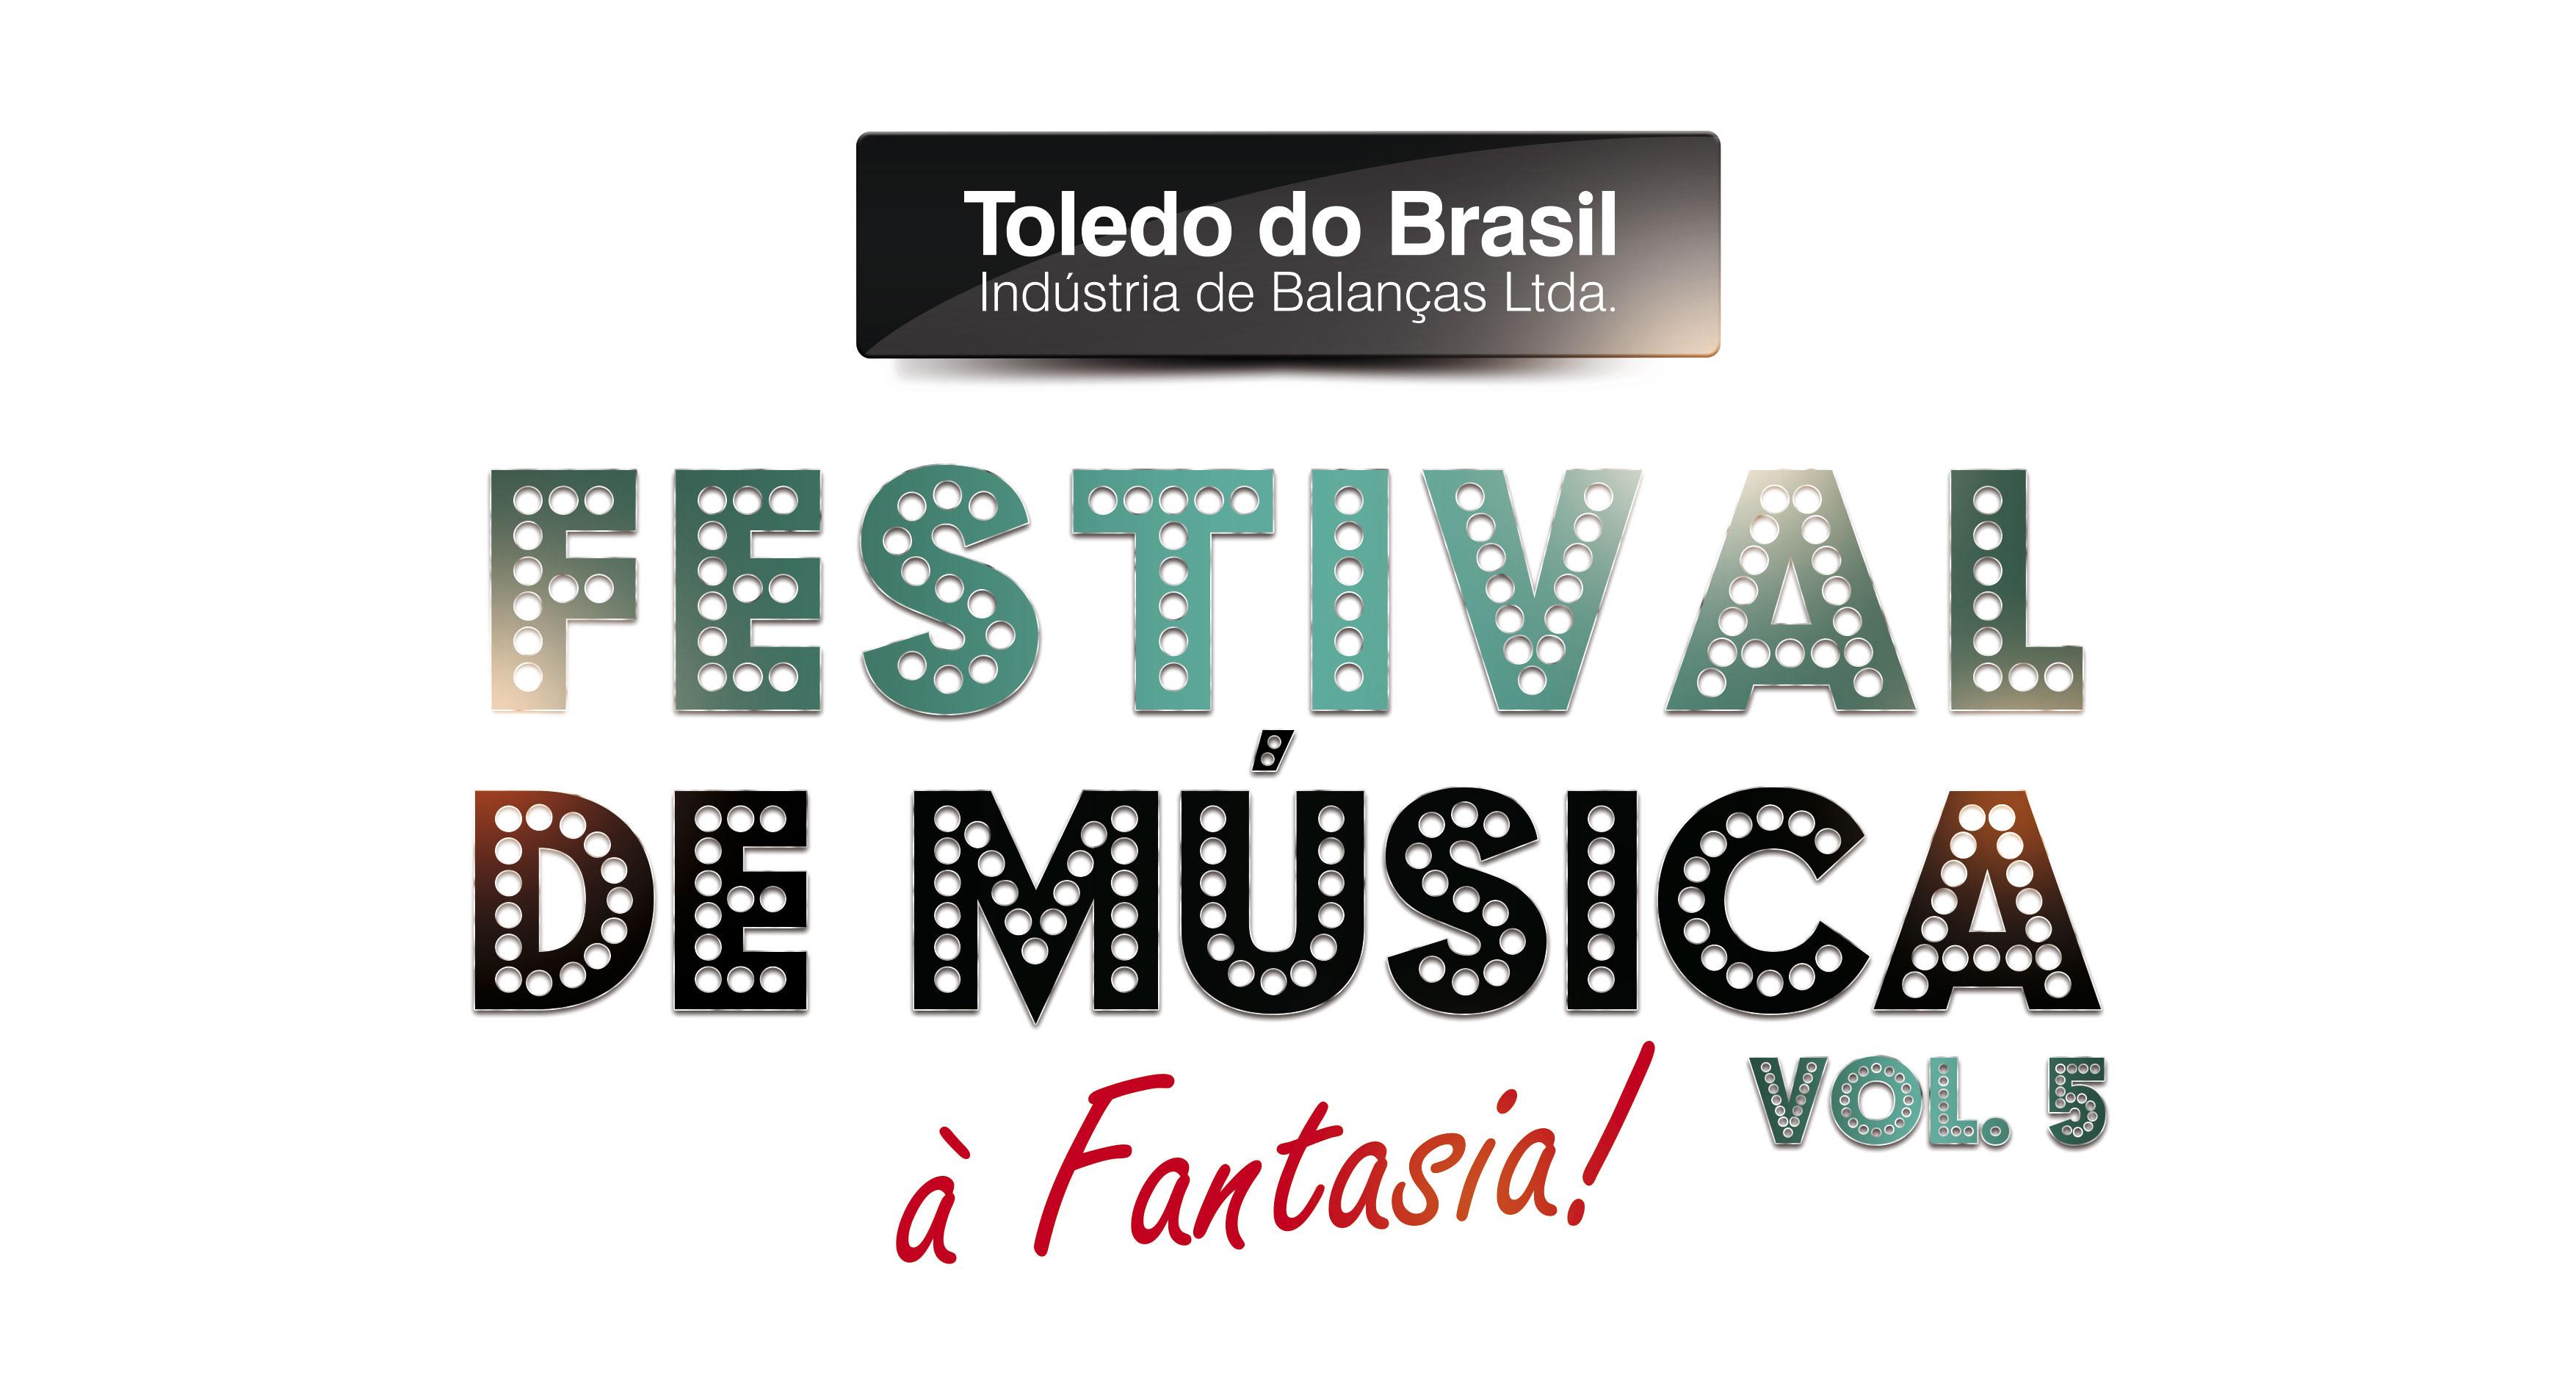 Os talentos da Toledo do Brasil se apresentam para colegas e convidados nesta sexta-feira